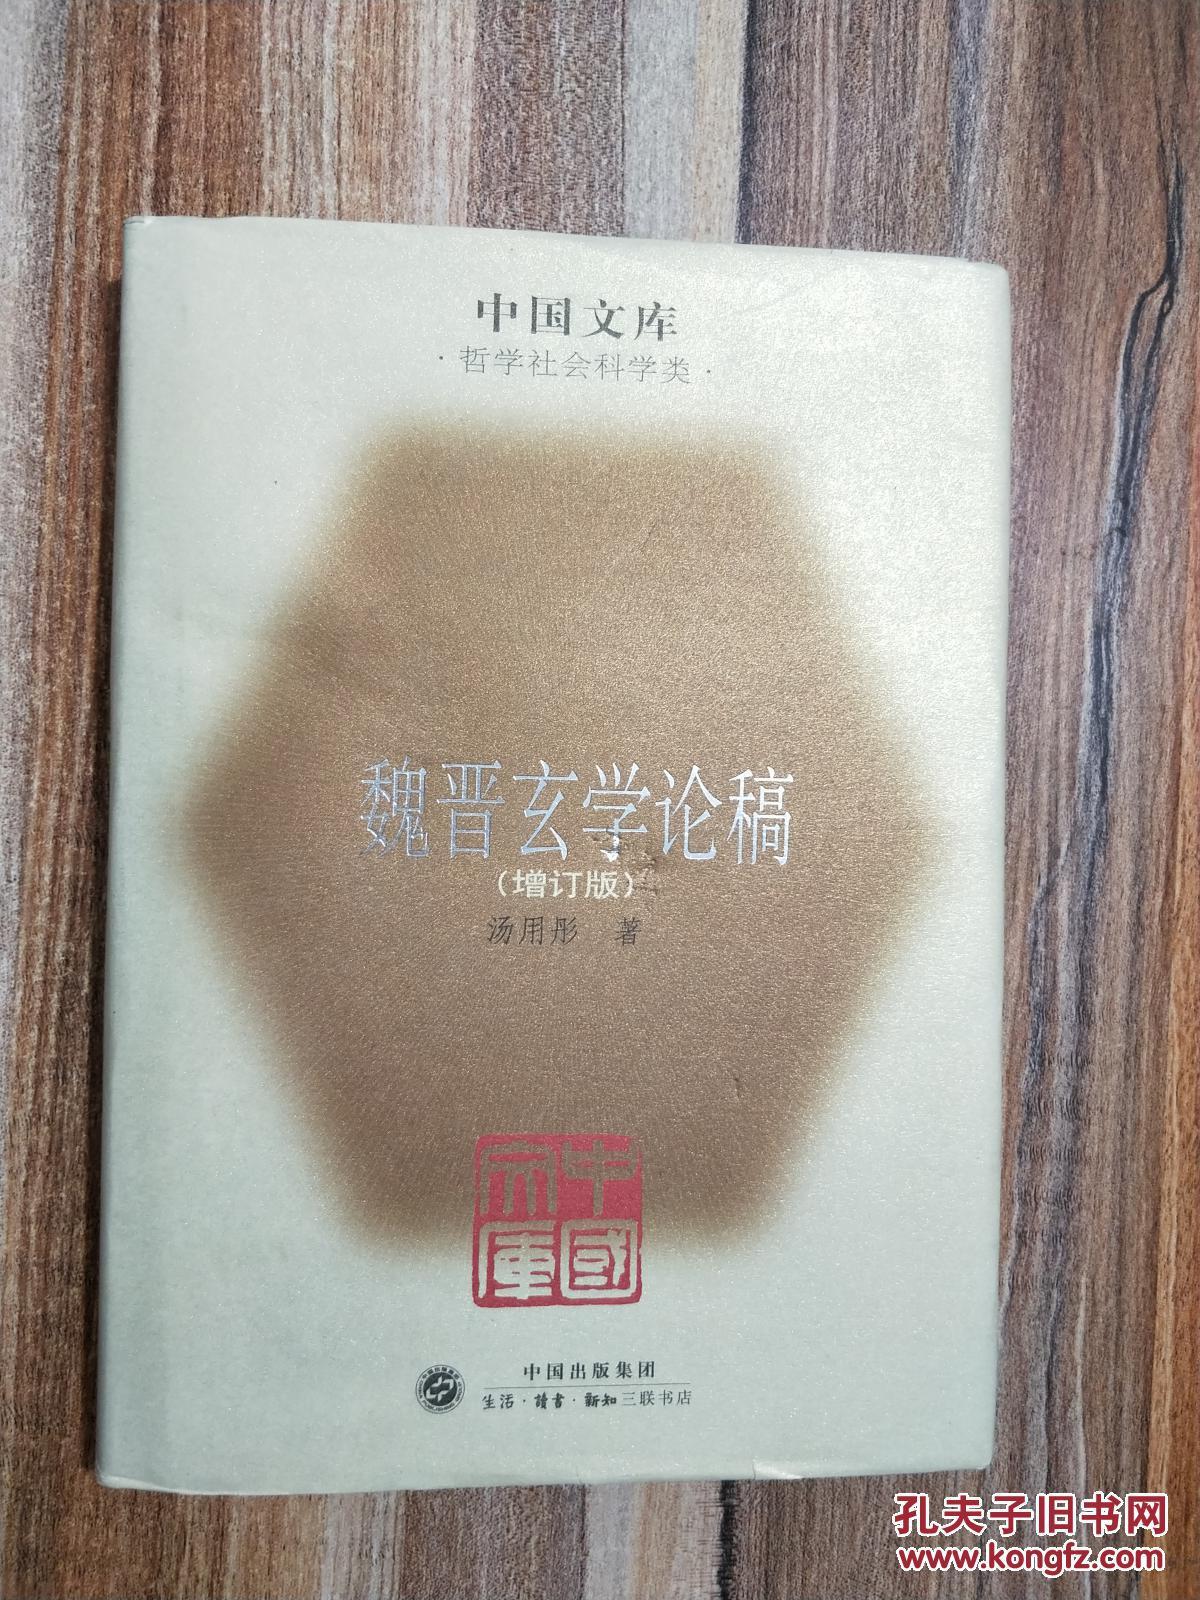 【图】魏晋文库论稿(增订1版)中国布面快来表情包亲我玄学精图片